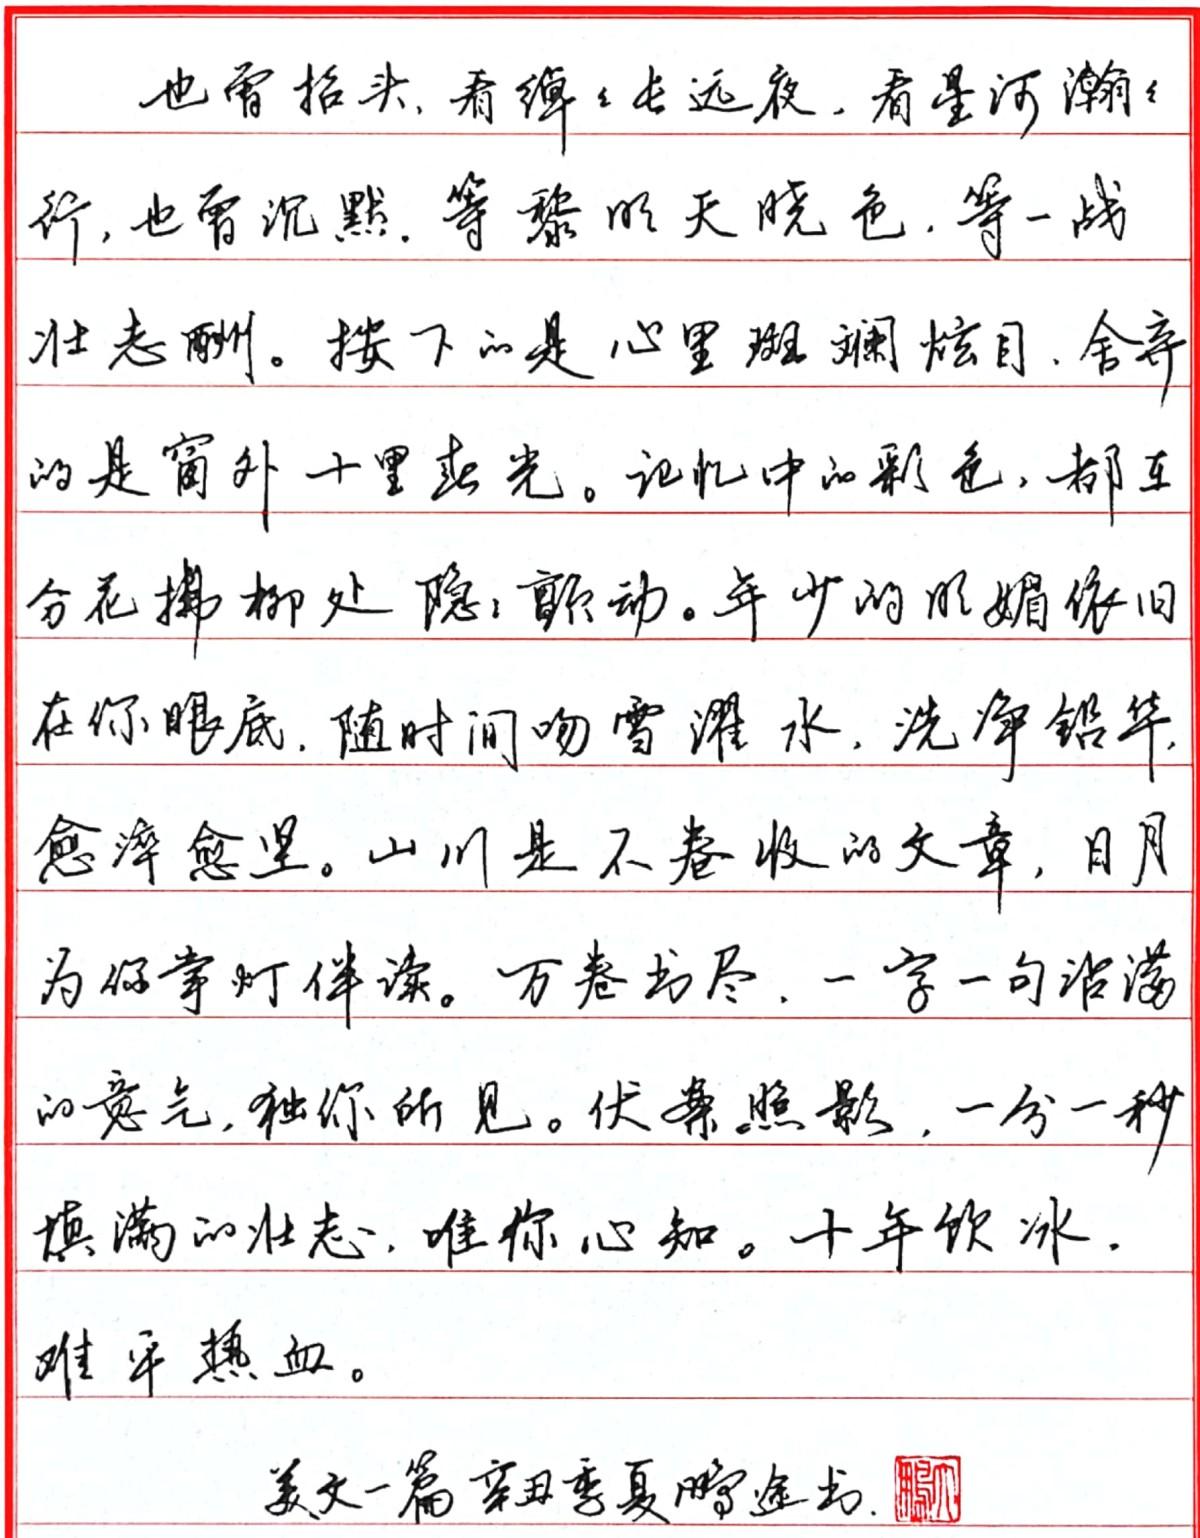 钢笔书法练字打卡20210803-13